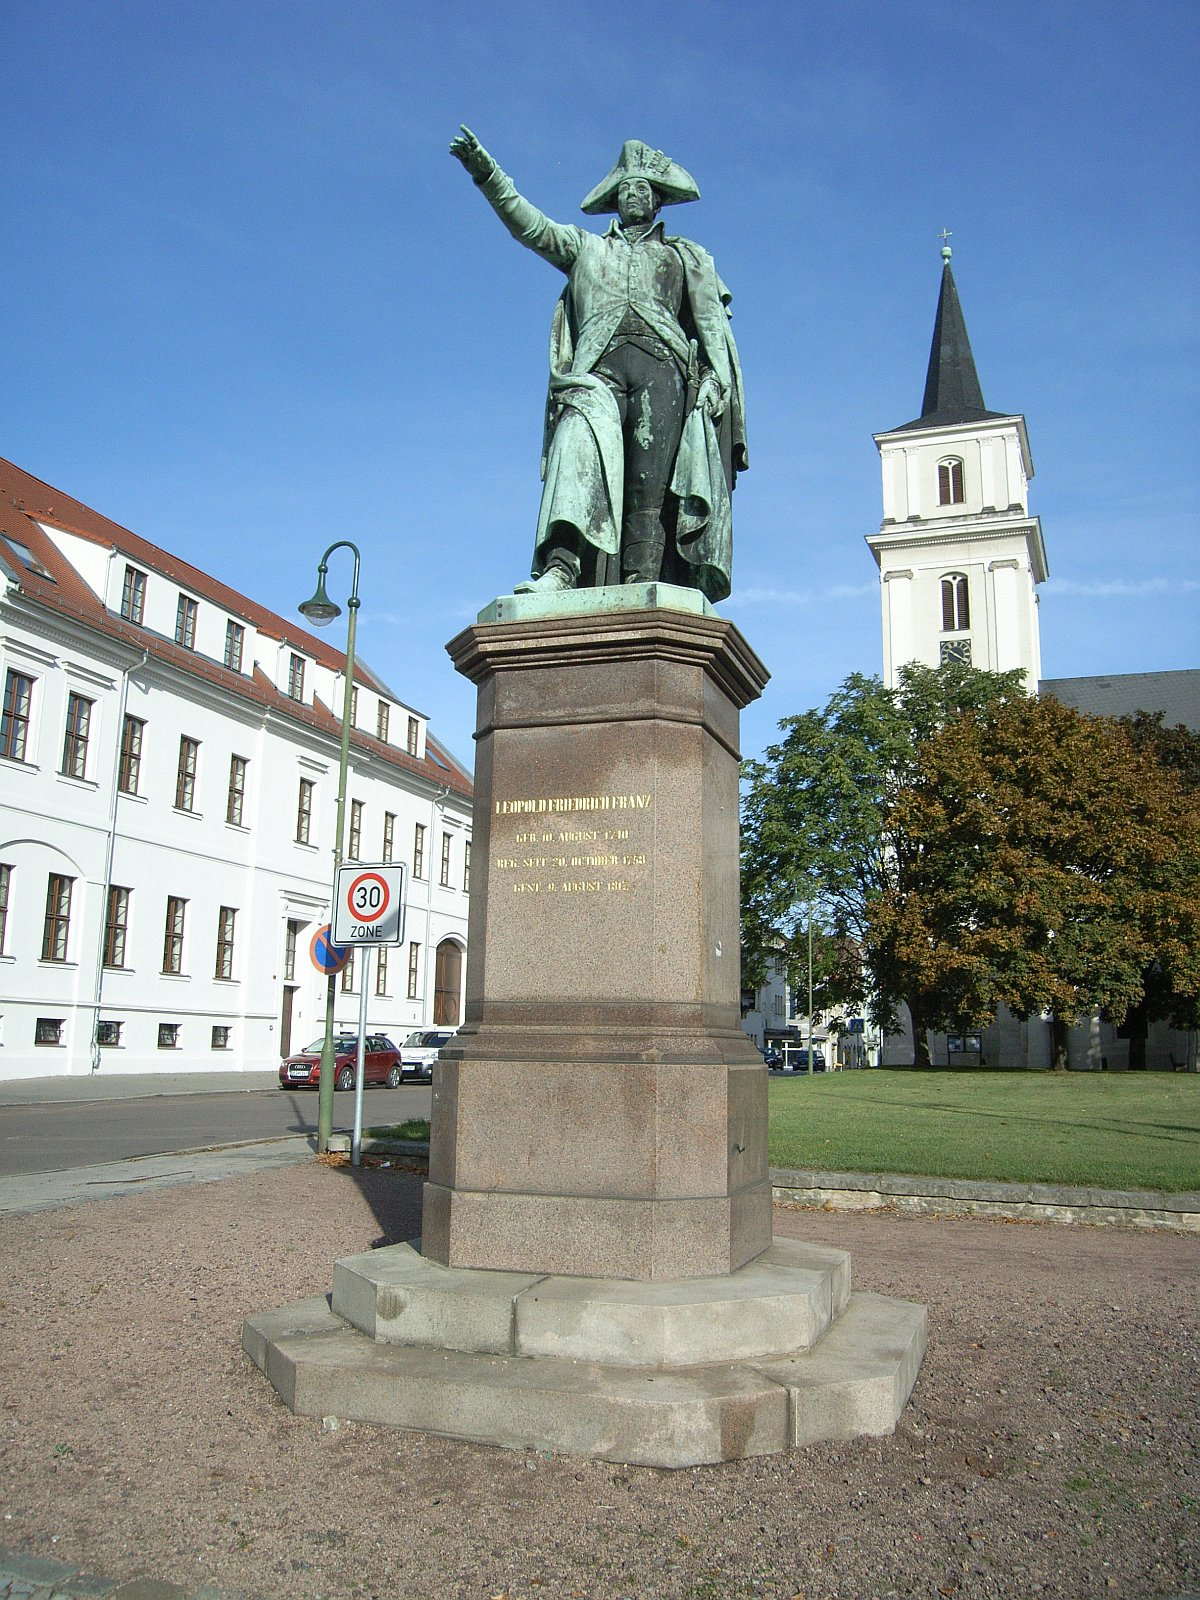 Autokratie oder konsensorientiertes Regiment? Fürst Leopold III. Friedrich Franz von Anhalt-Dessau (1758-1817) und seine Regierung aus dem Kabinett